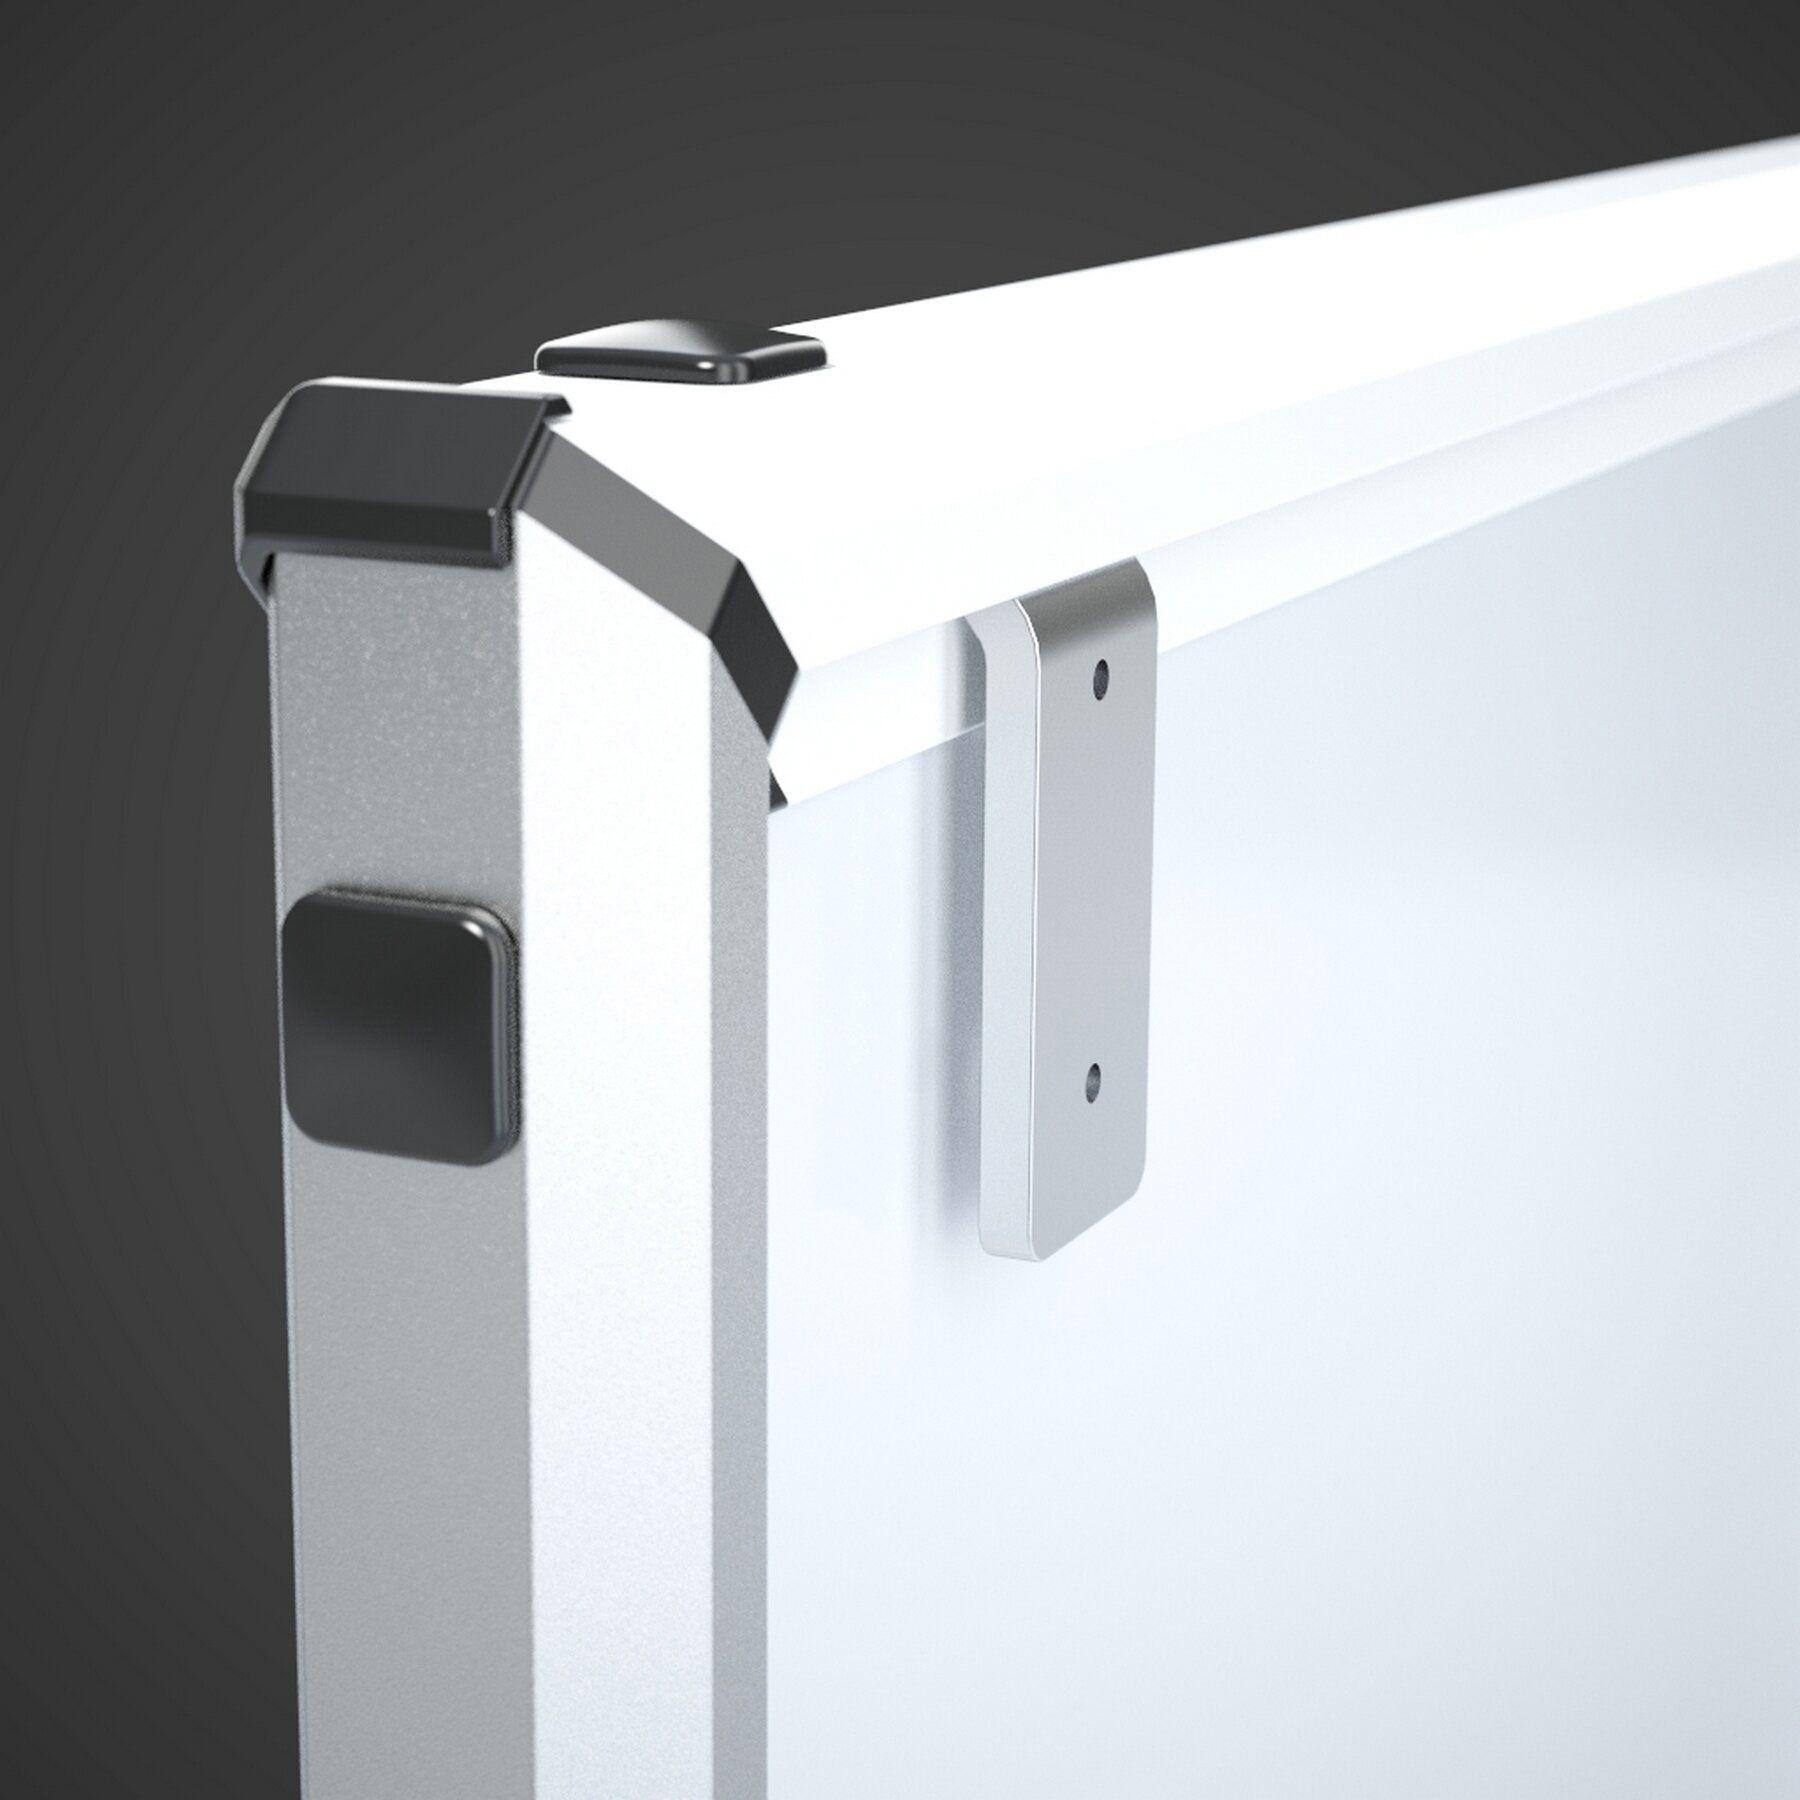 Доска белая магнитная сухостираемая StarBoard 120*180см., алюминиевая рамка, лак 2x3 - фото 6